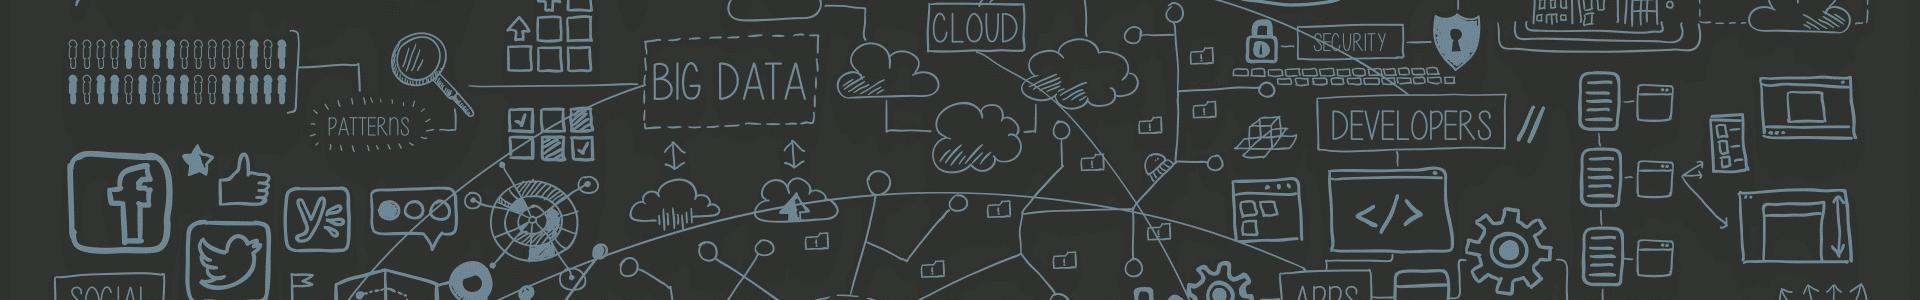 2021年,自媒体还能做吗?我的观点和8个小建议-绿洲云